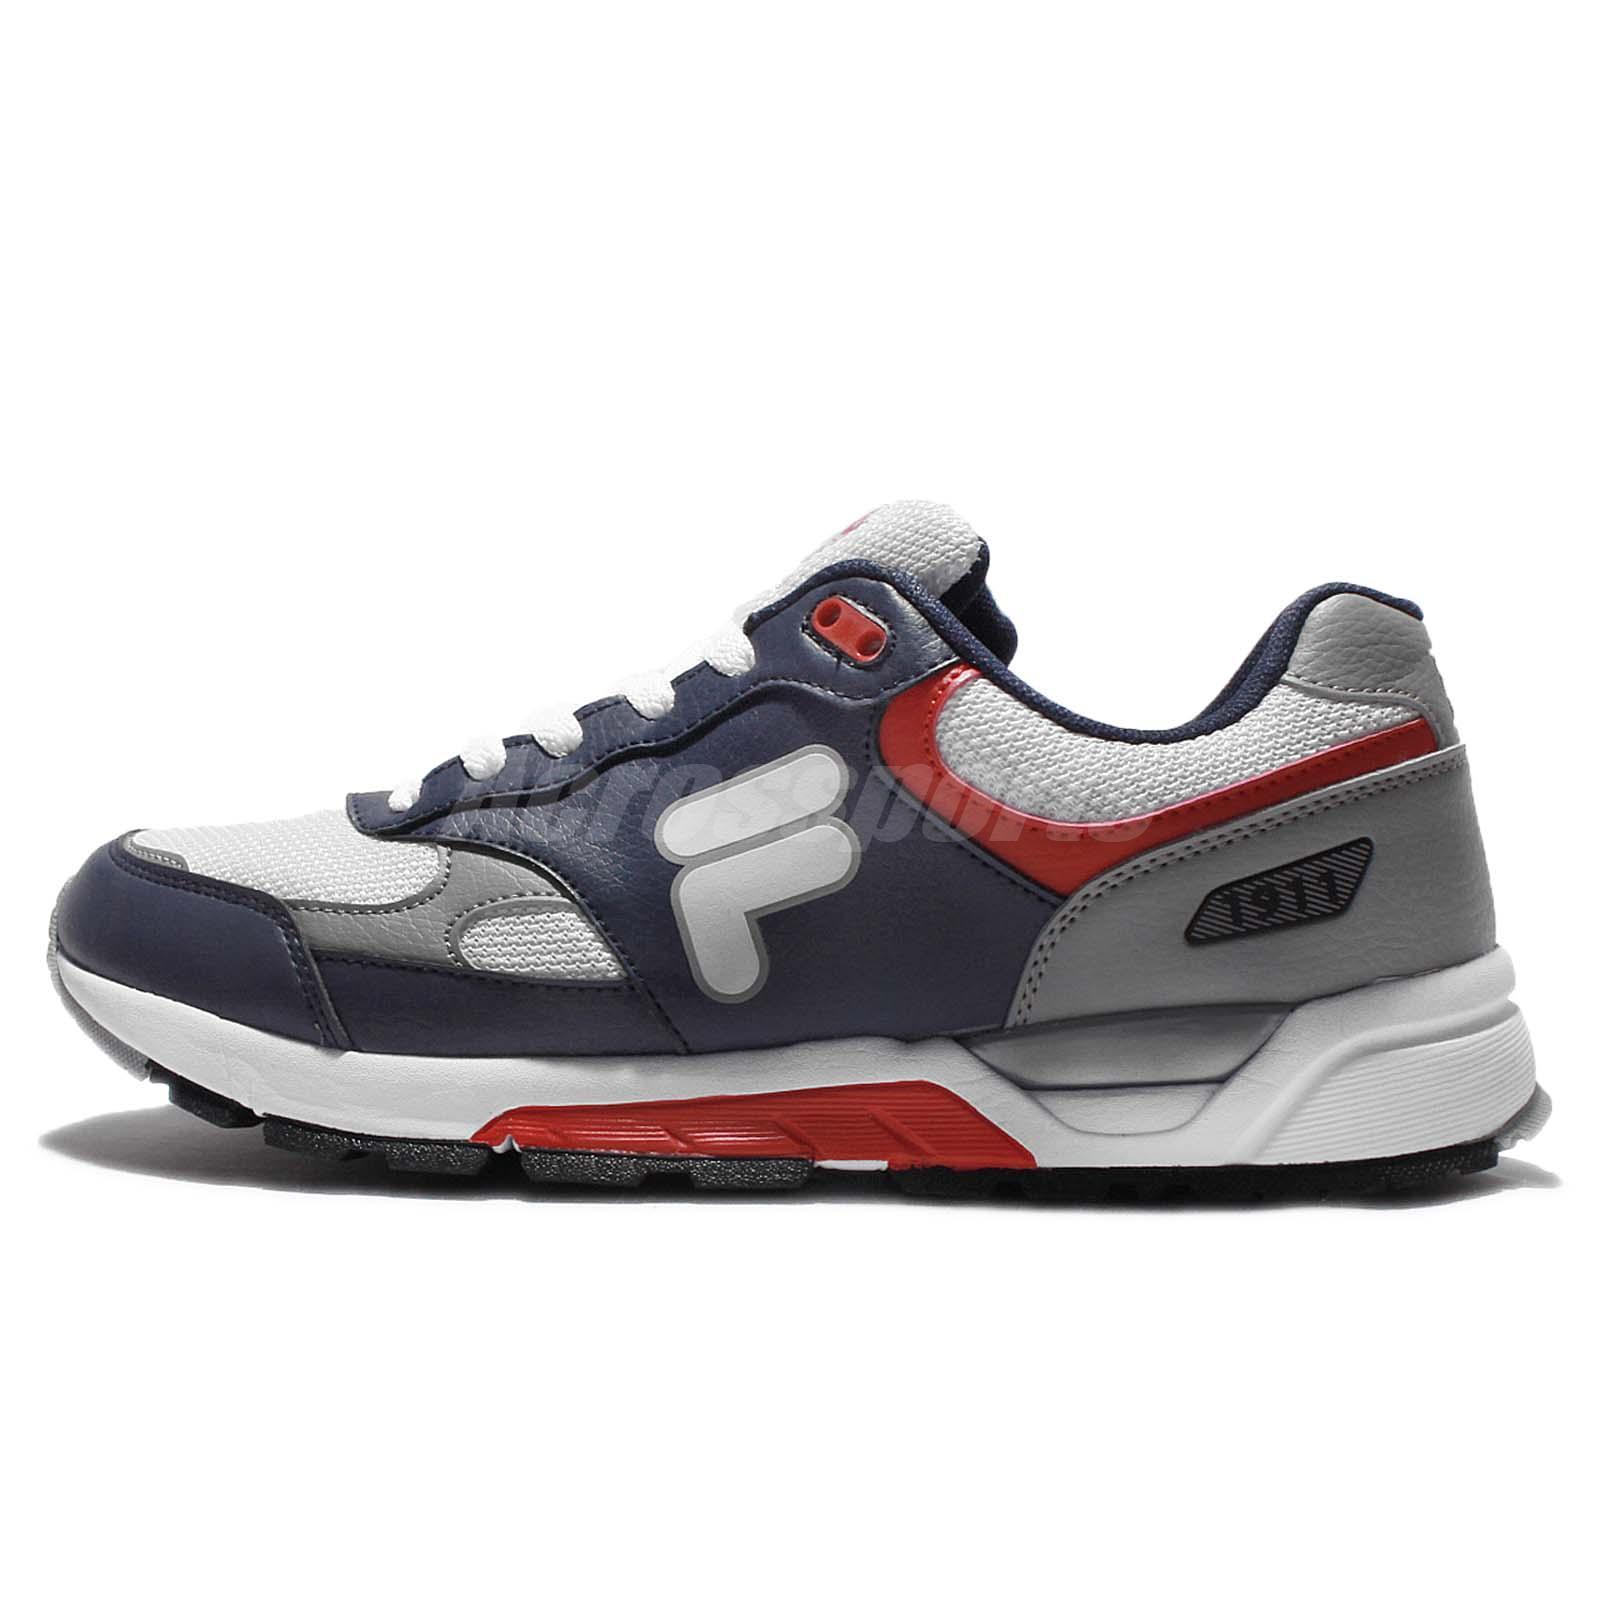 najlepszy design popularne sklepy szeroki wybór Details about Fila J313Q Grey Blue Red Mens 1911 Cushion Running Shoes  Sneakers 1-J313Q-431